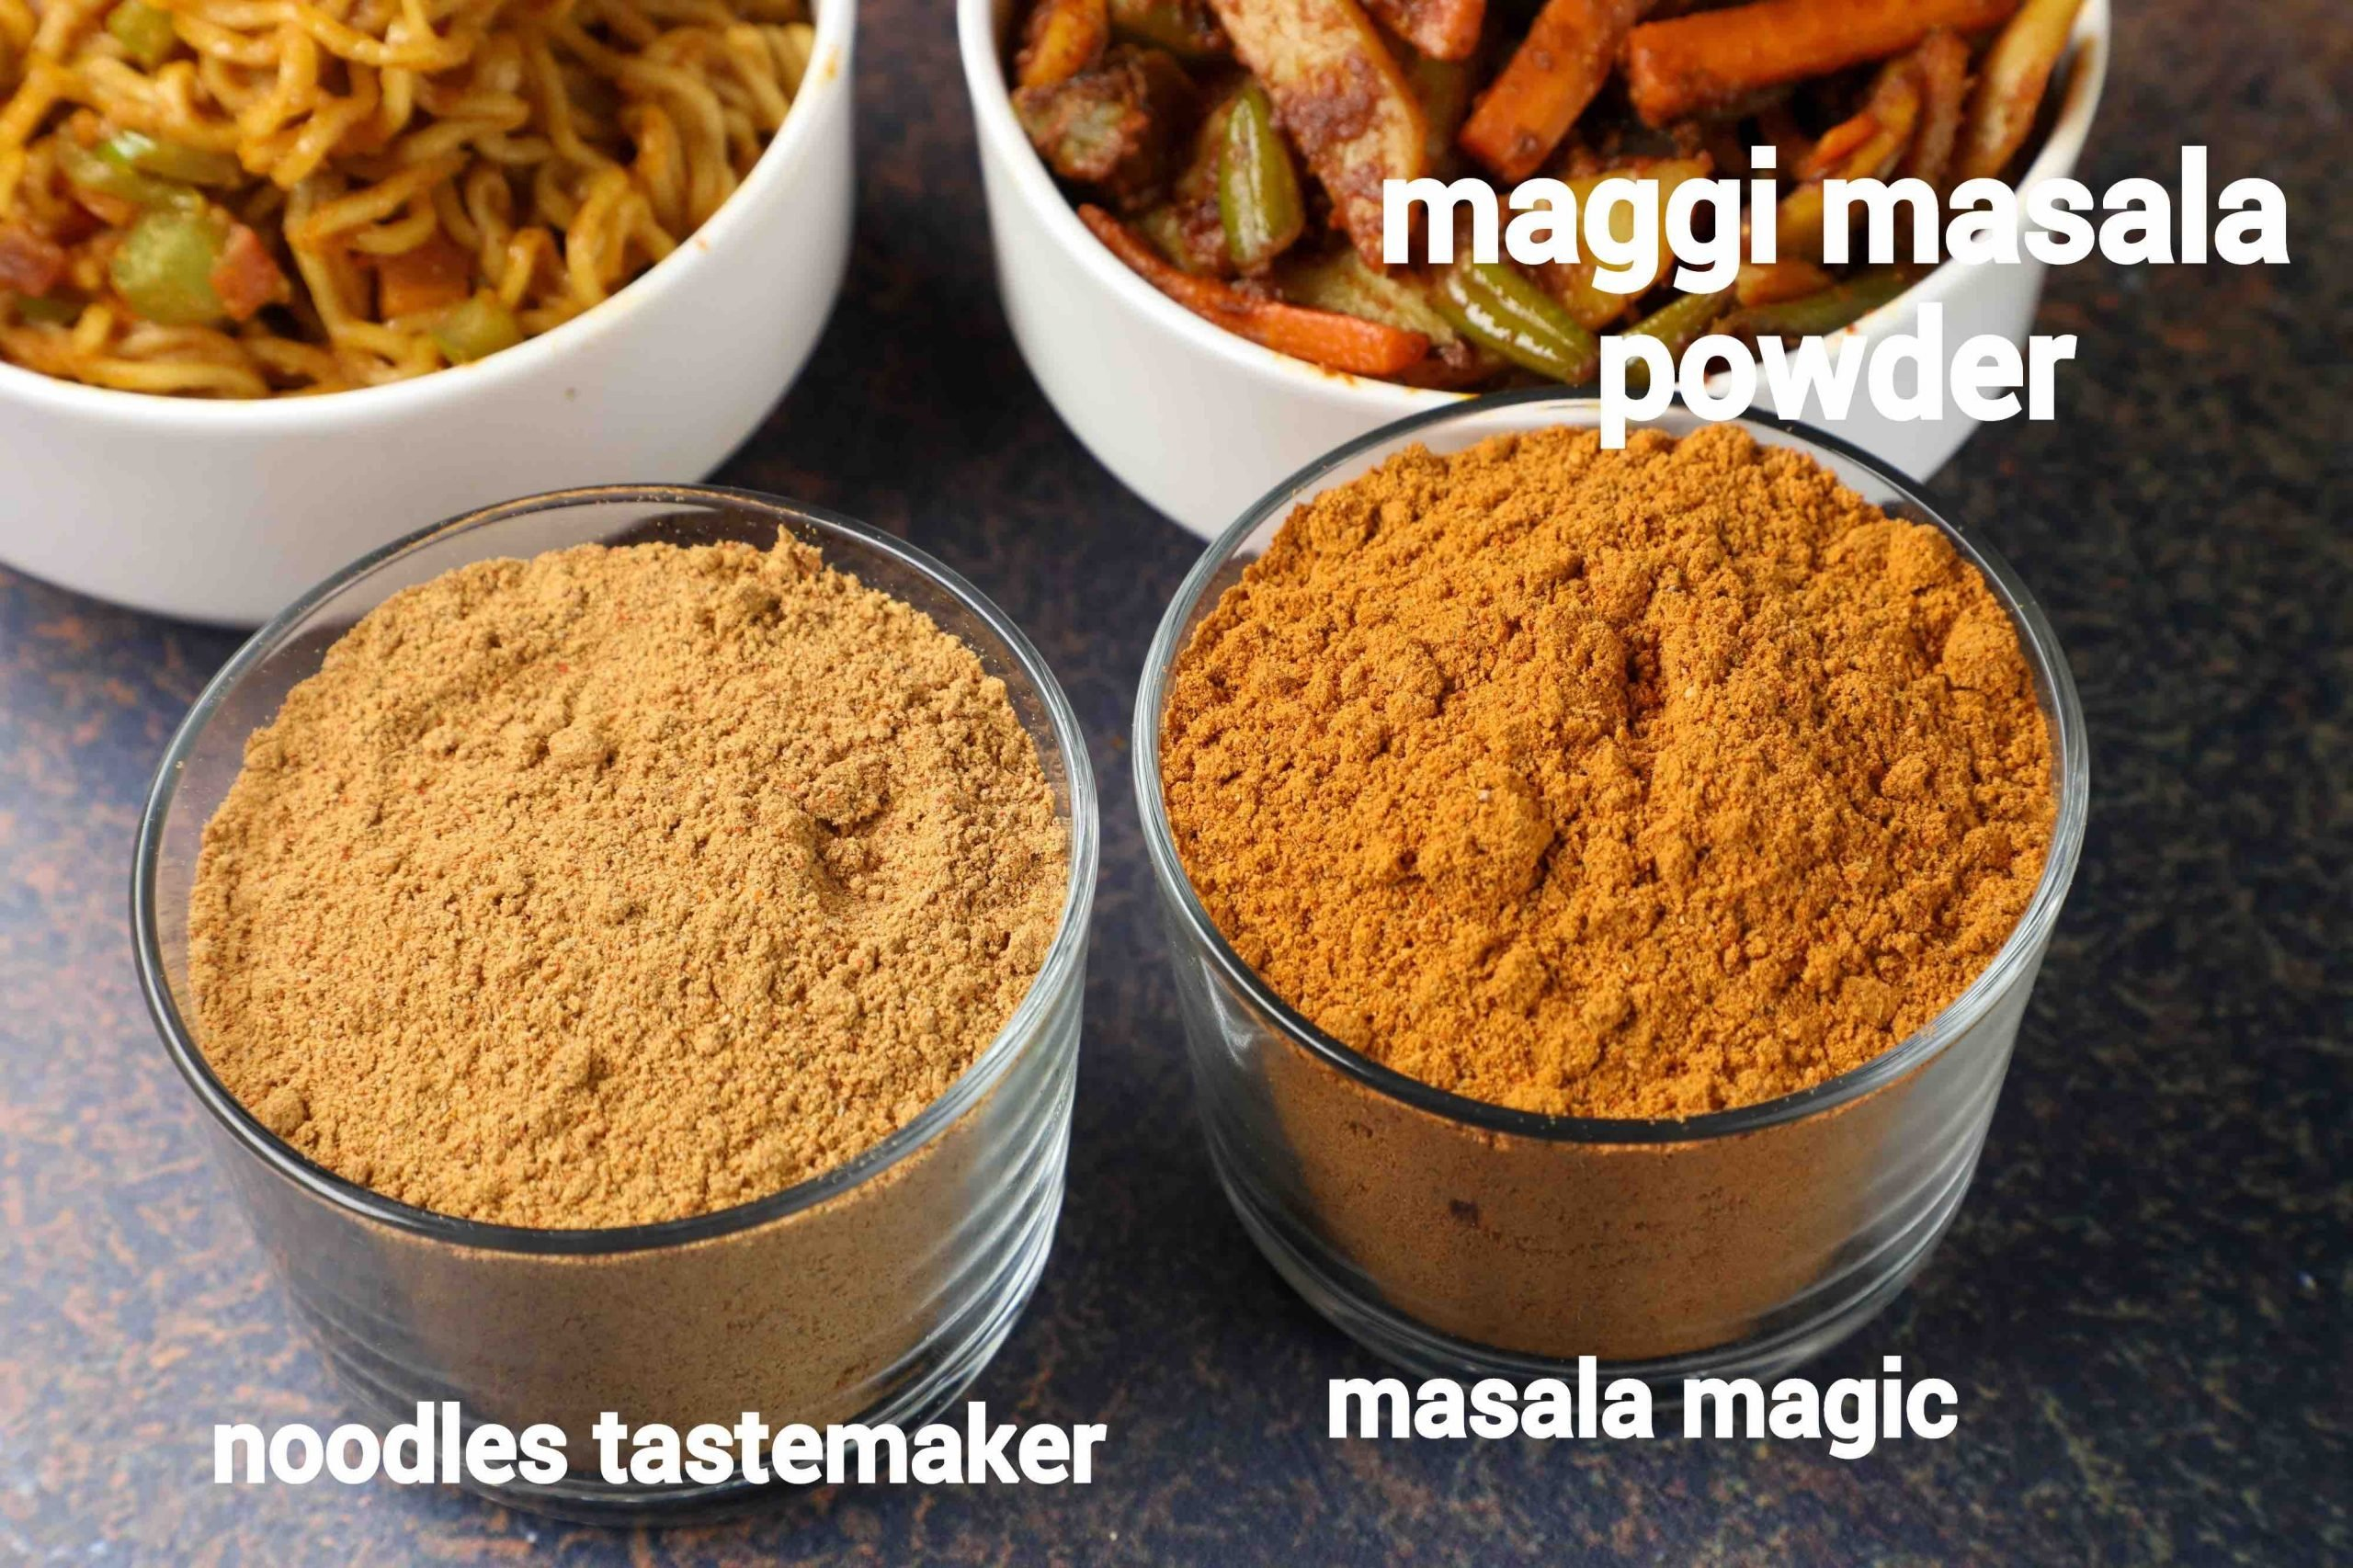 maggi masala powder recipe | maggi masala e magic | maggi masala magic